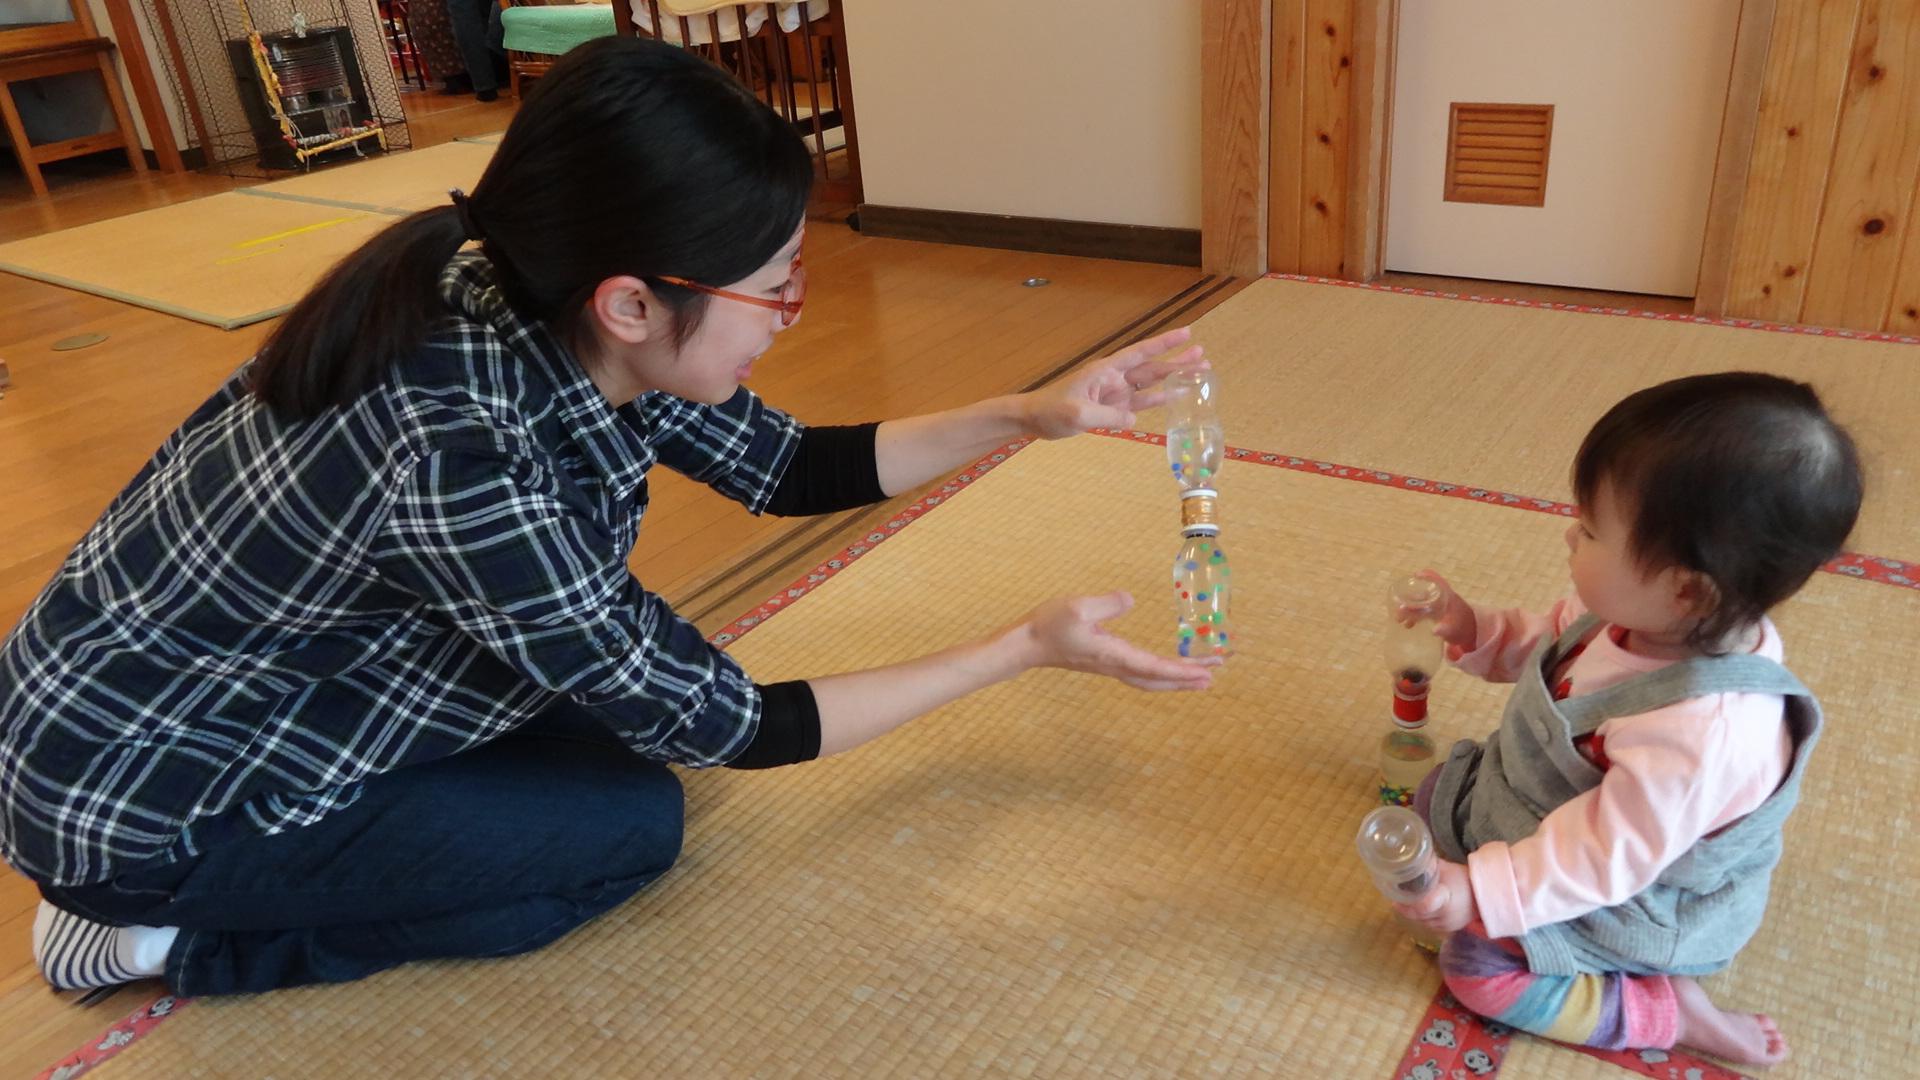 【寺町分館】赤ちゃん興味津々、手作りおもちゃ